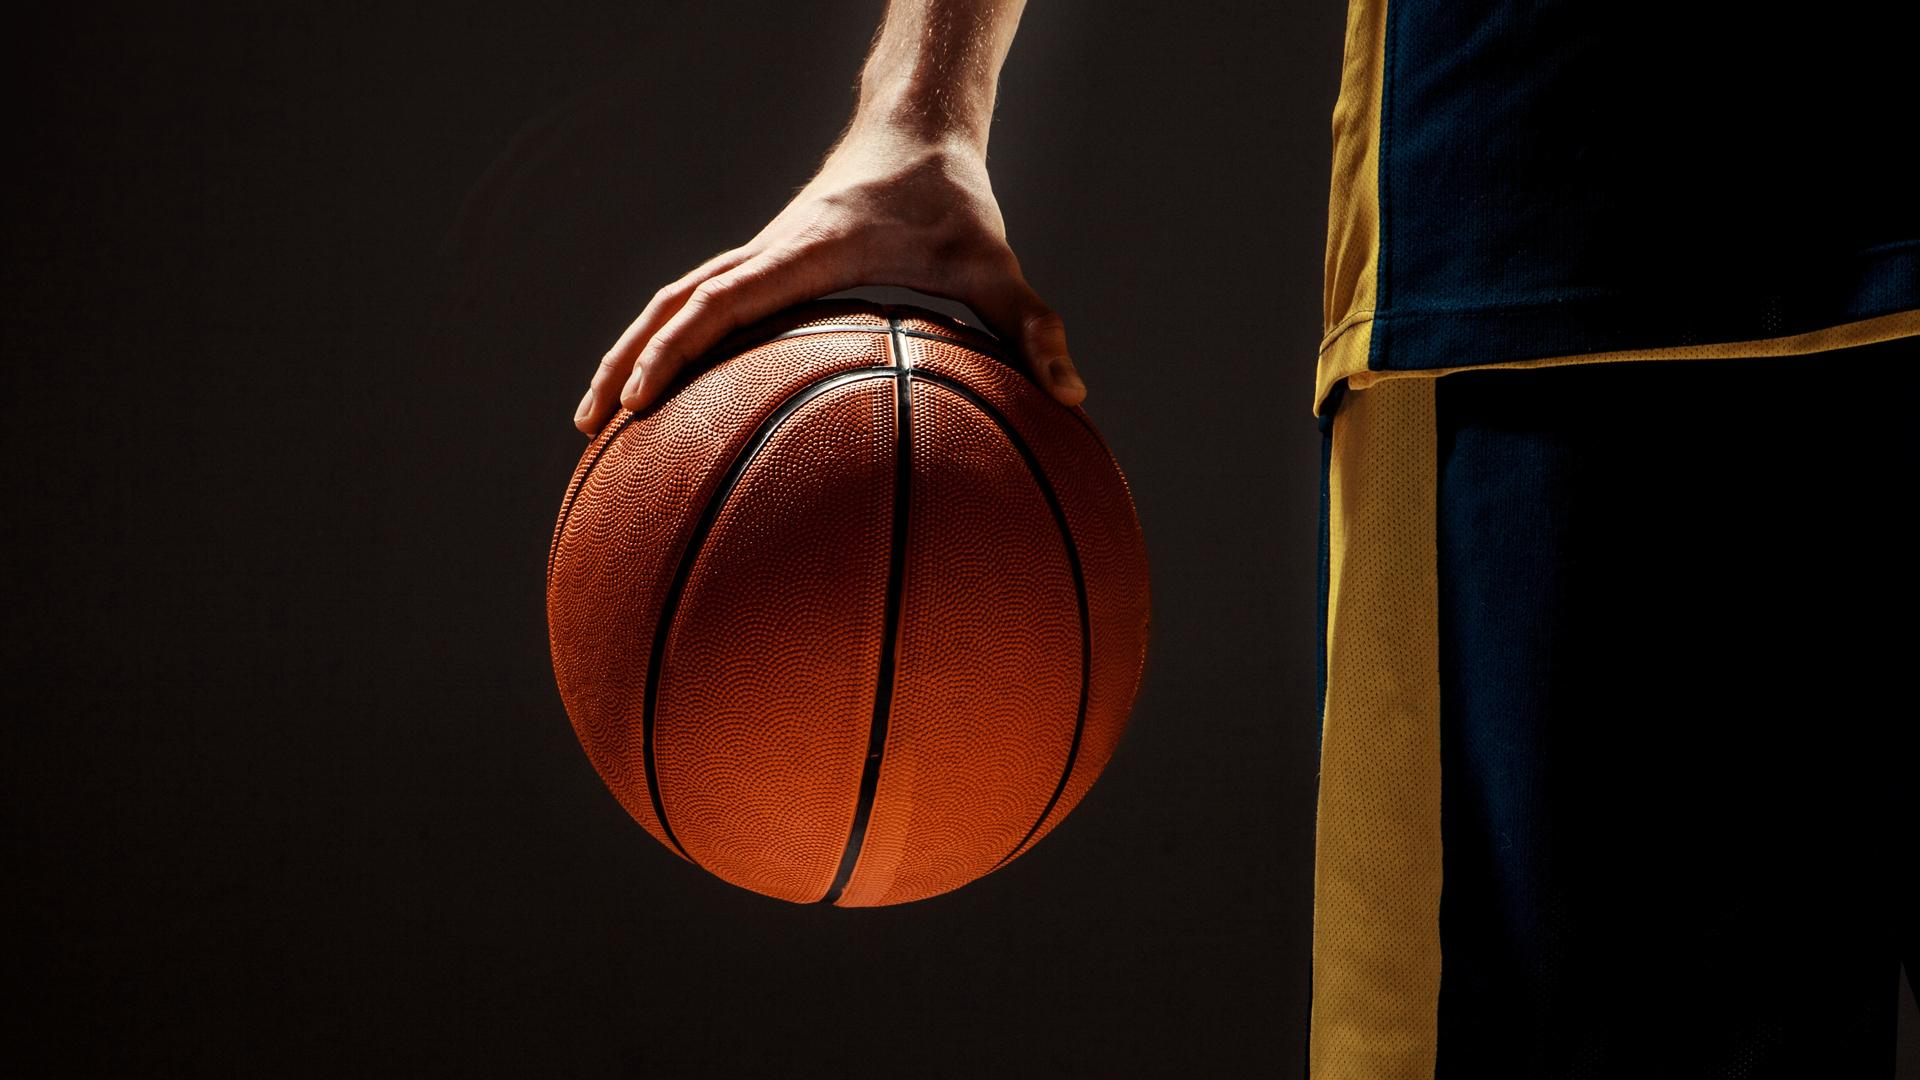 Sfidat e para gjysmëfinale në Ligën e Parë në basketboll